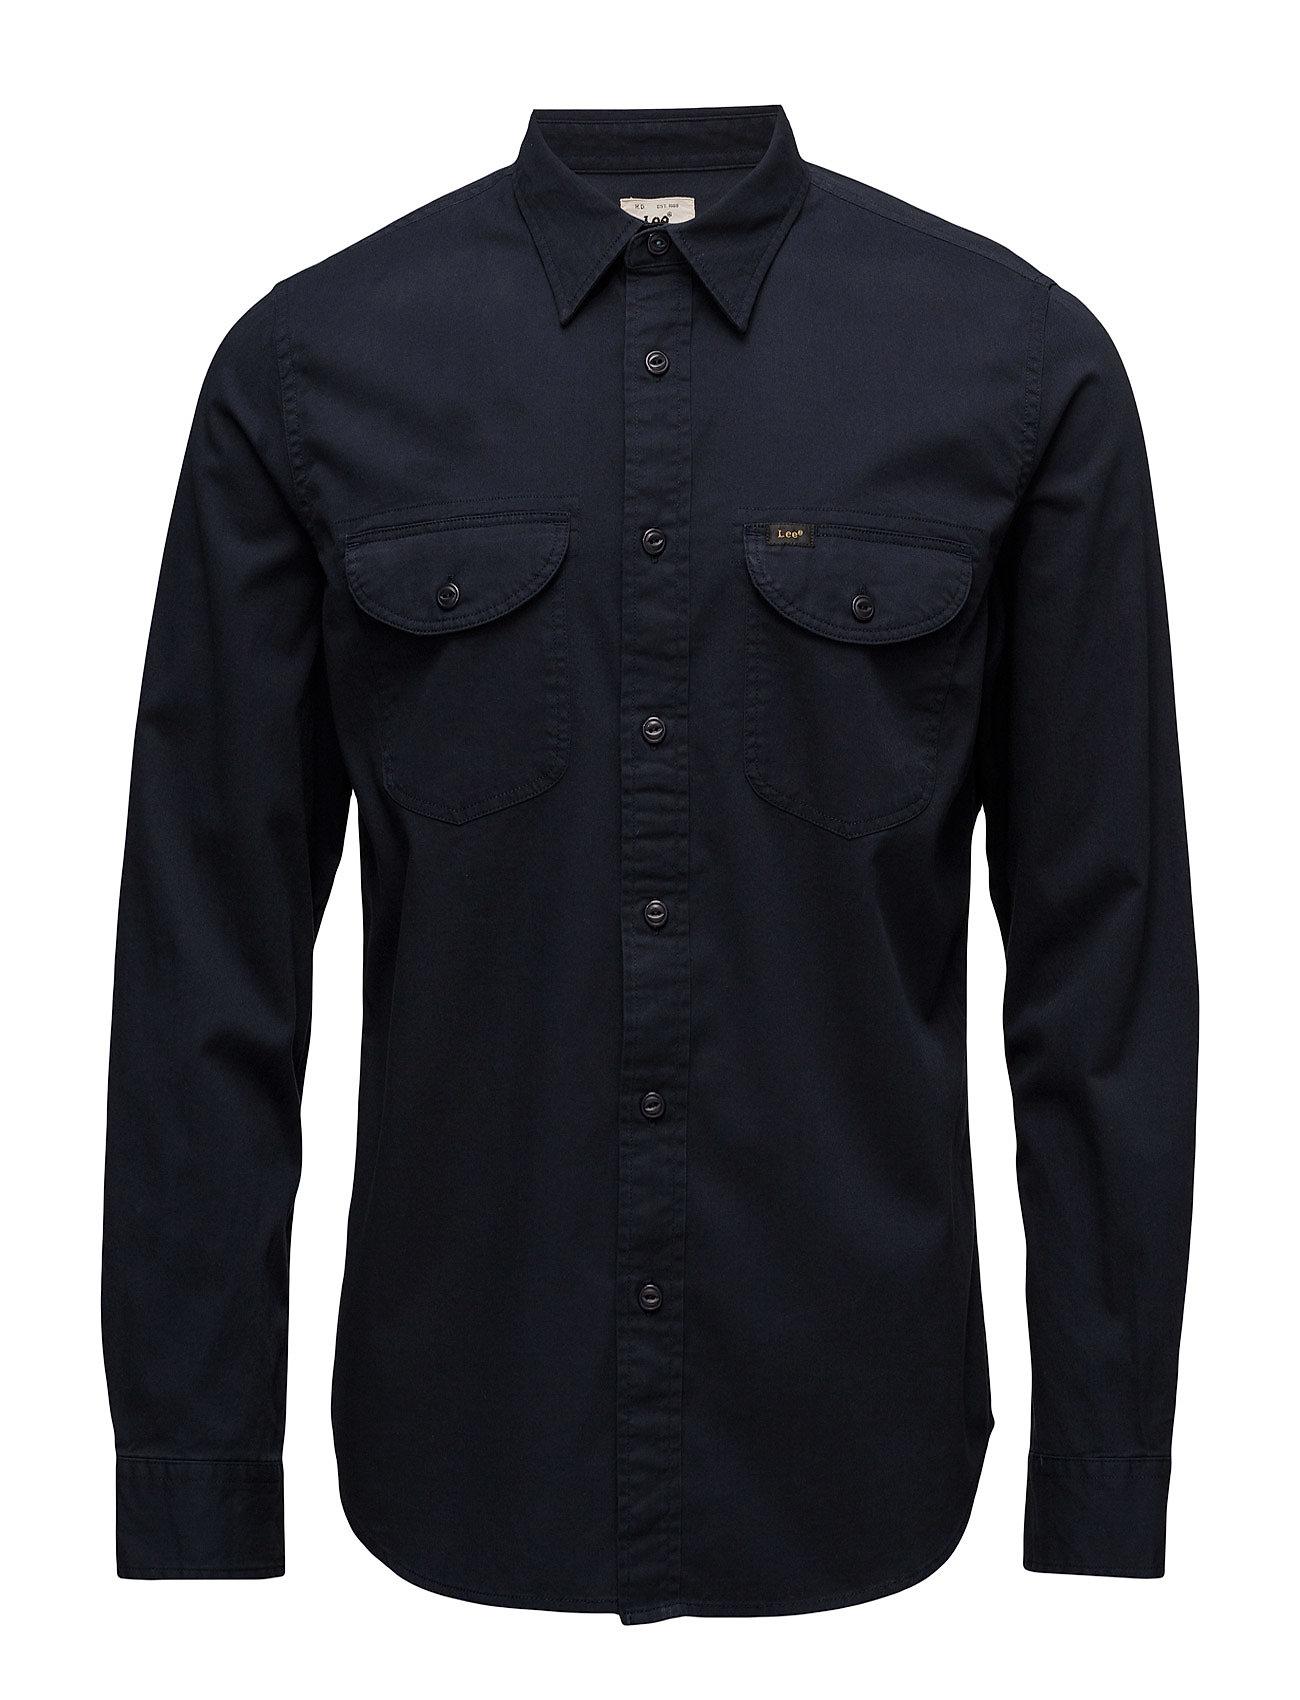 Lee Worker Shirt Night Sky Lee Jeans Casual sko til Mænd i Nattehimmel